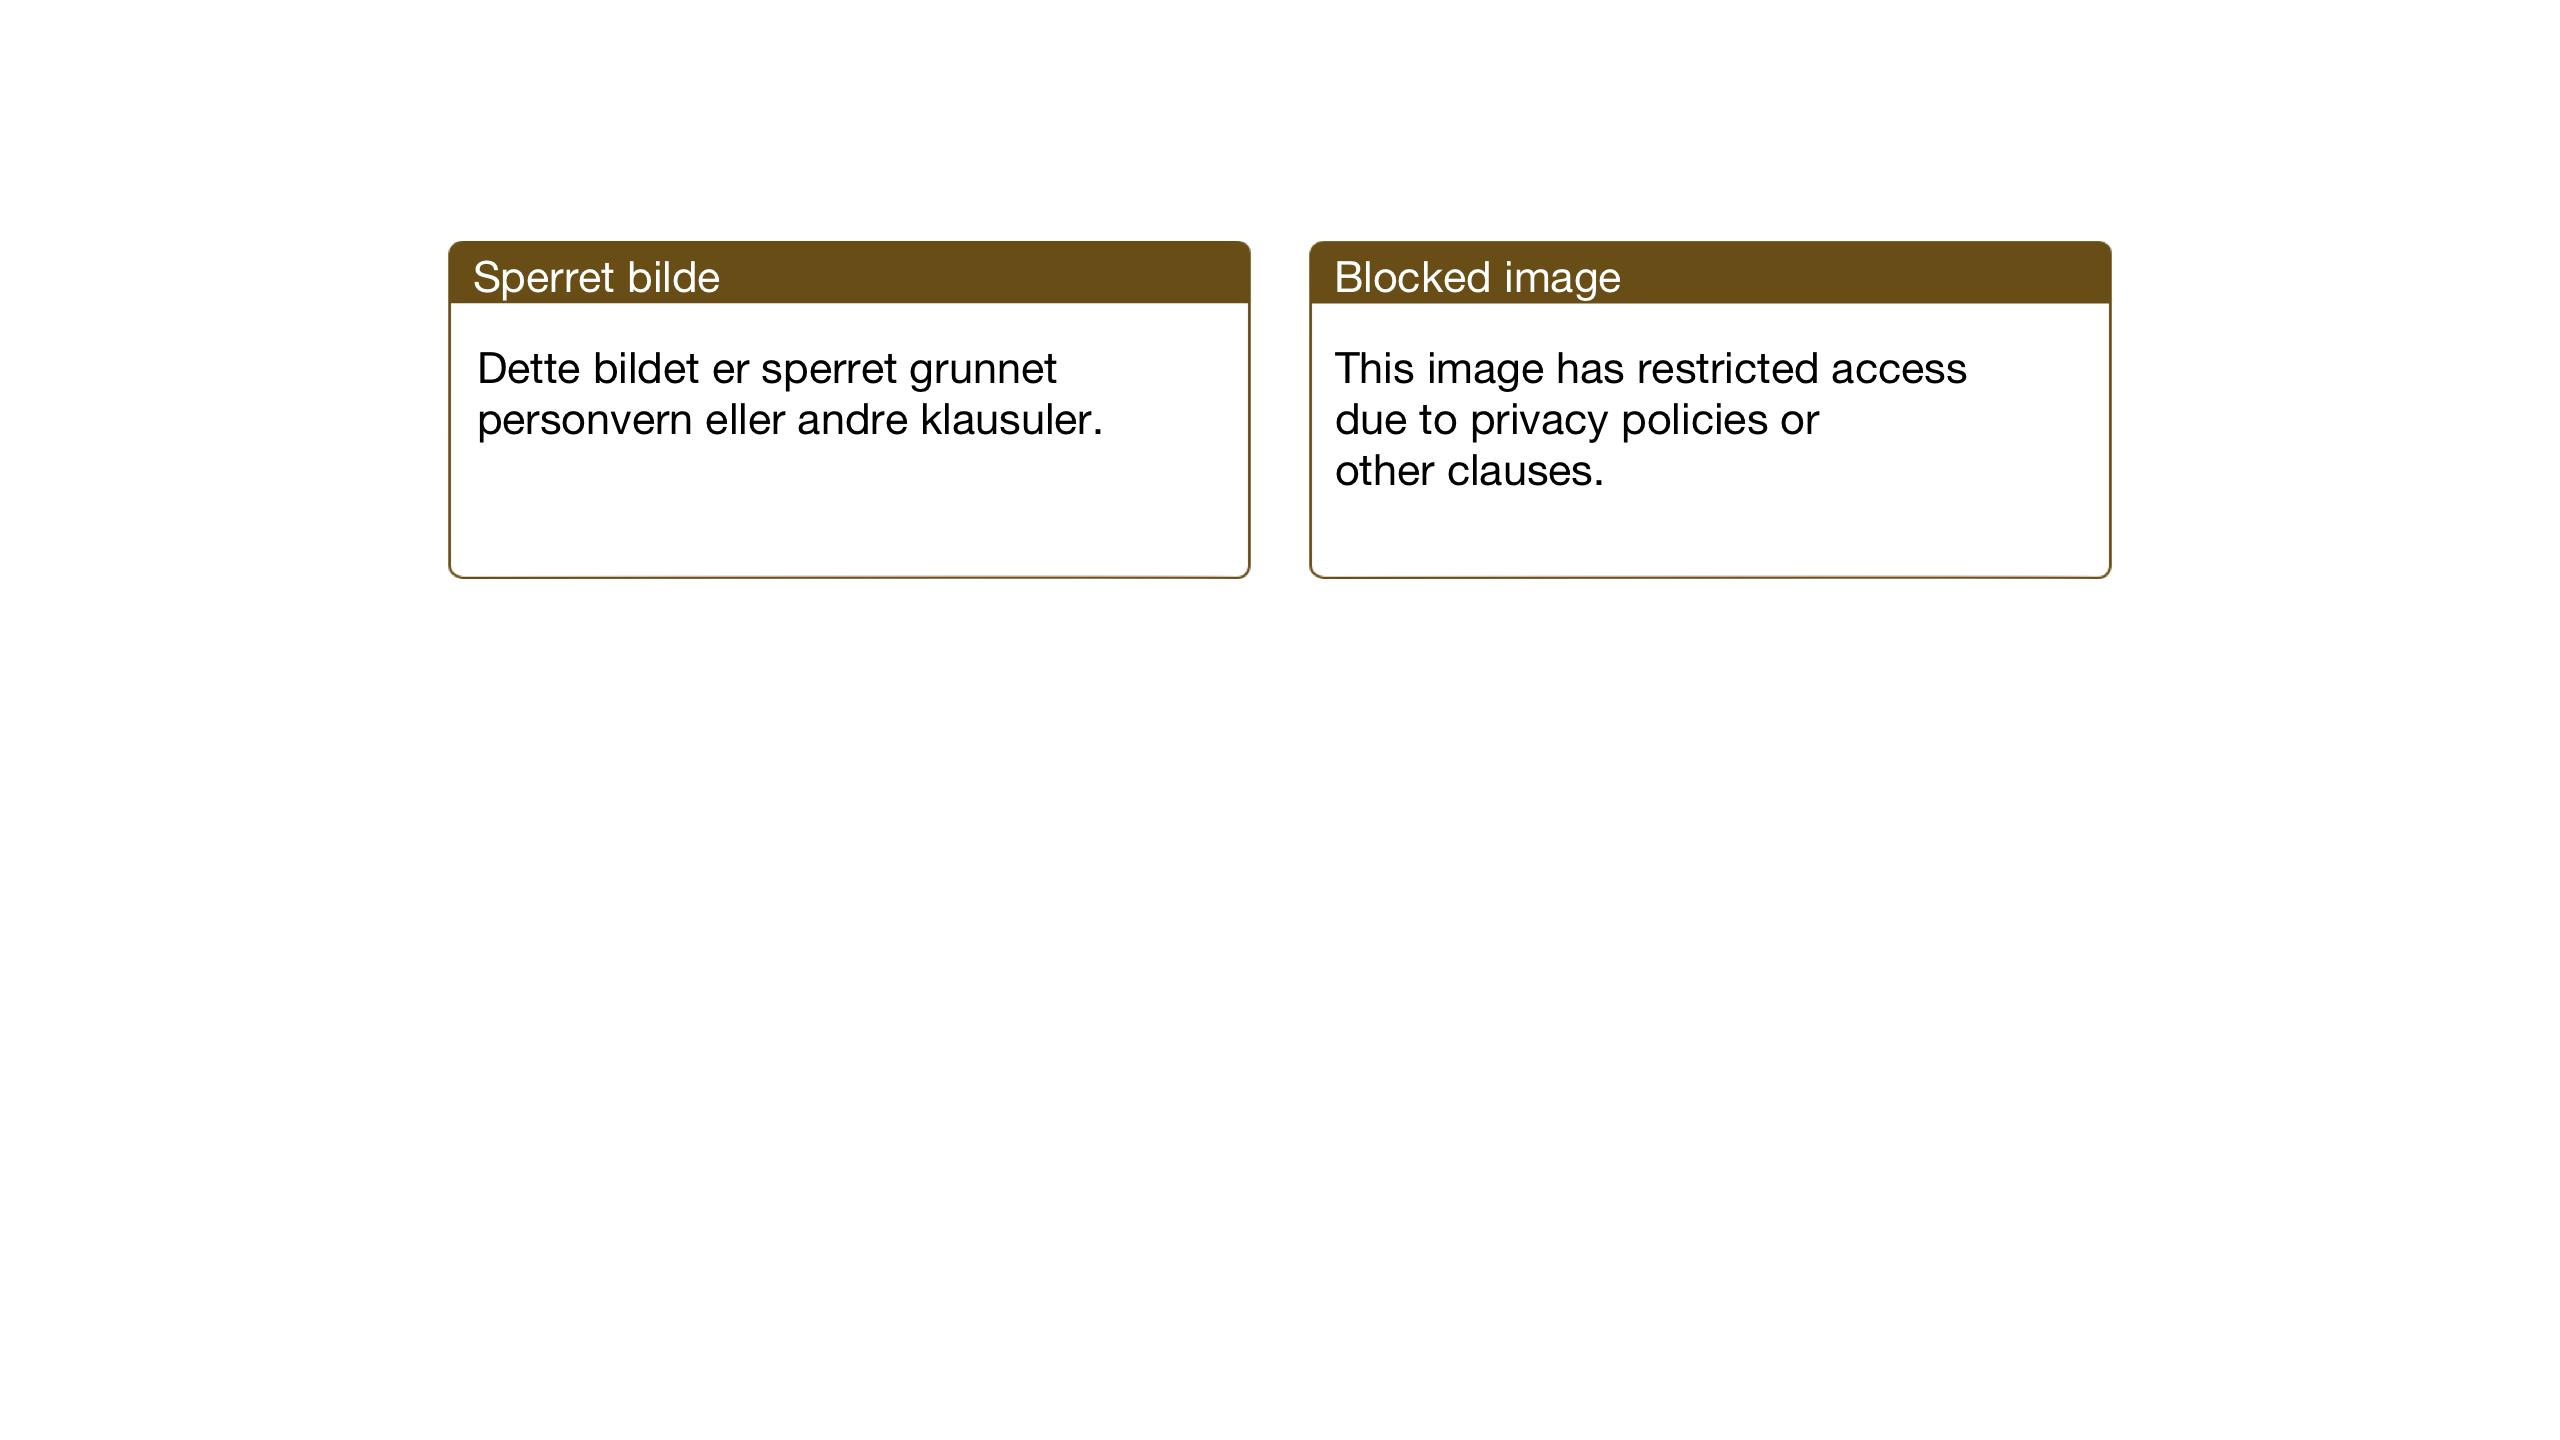 SAT, Ministerialprotokoller, klokkerbøker og fødselsregistre - Sør-Trøndelag, 640/L0590: Klokkerbok nr. 640C07, 1935-1948, s. 59